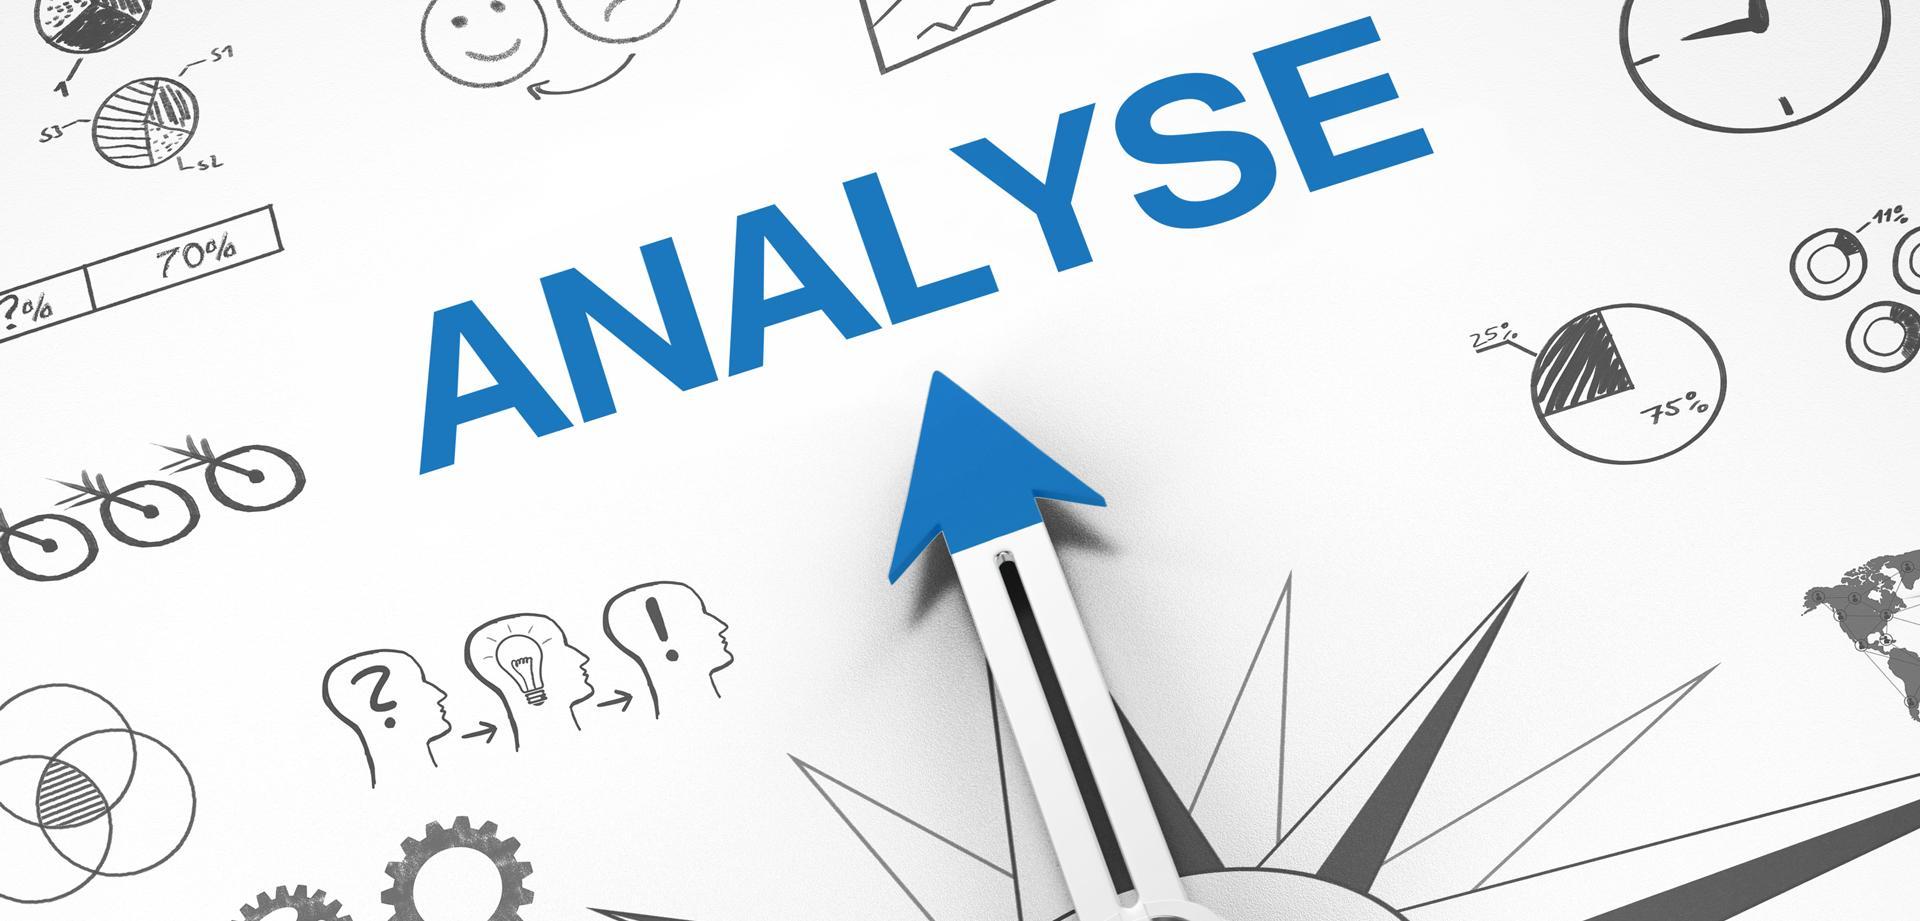 Kompass zeigt auf Analyse